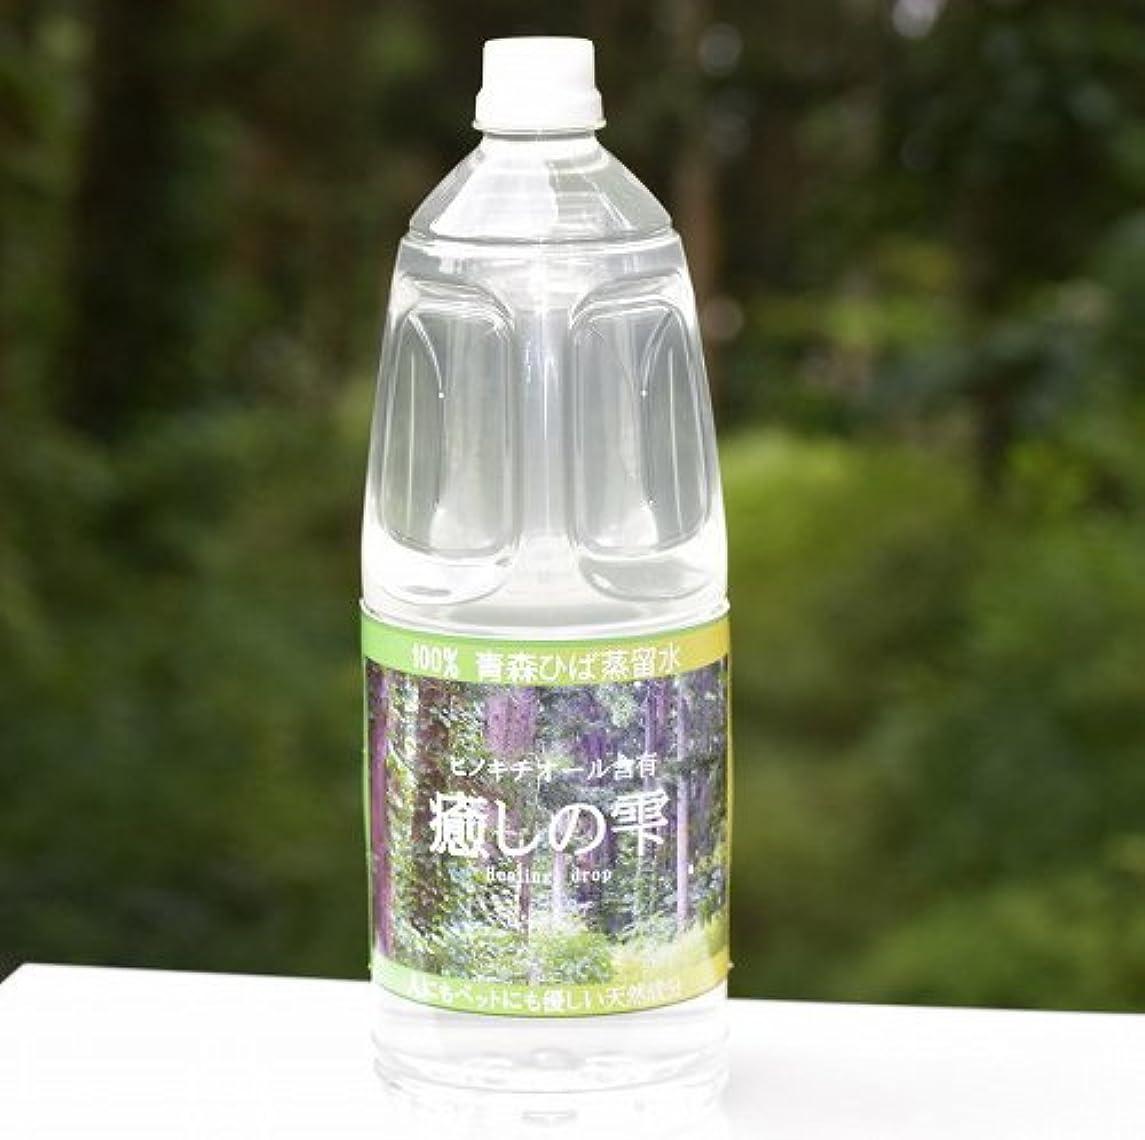 時々護衛主張青森ひば 天然ヒバ水 癒しの雫 蒸留水 送料無料 1.8L×3本